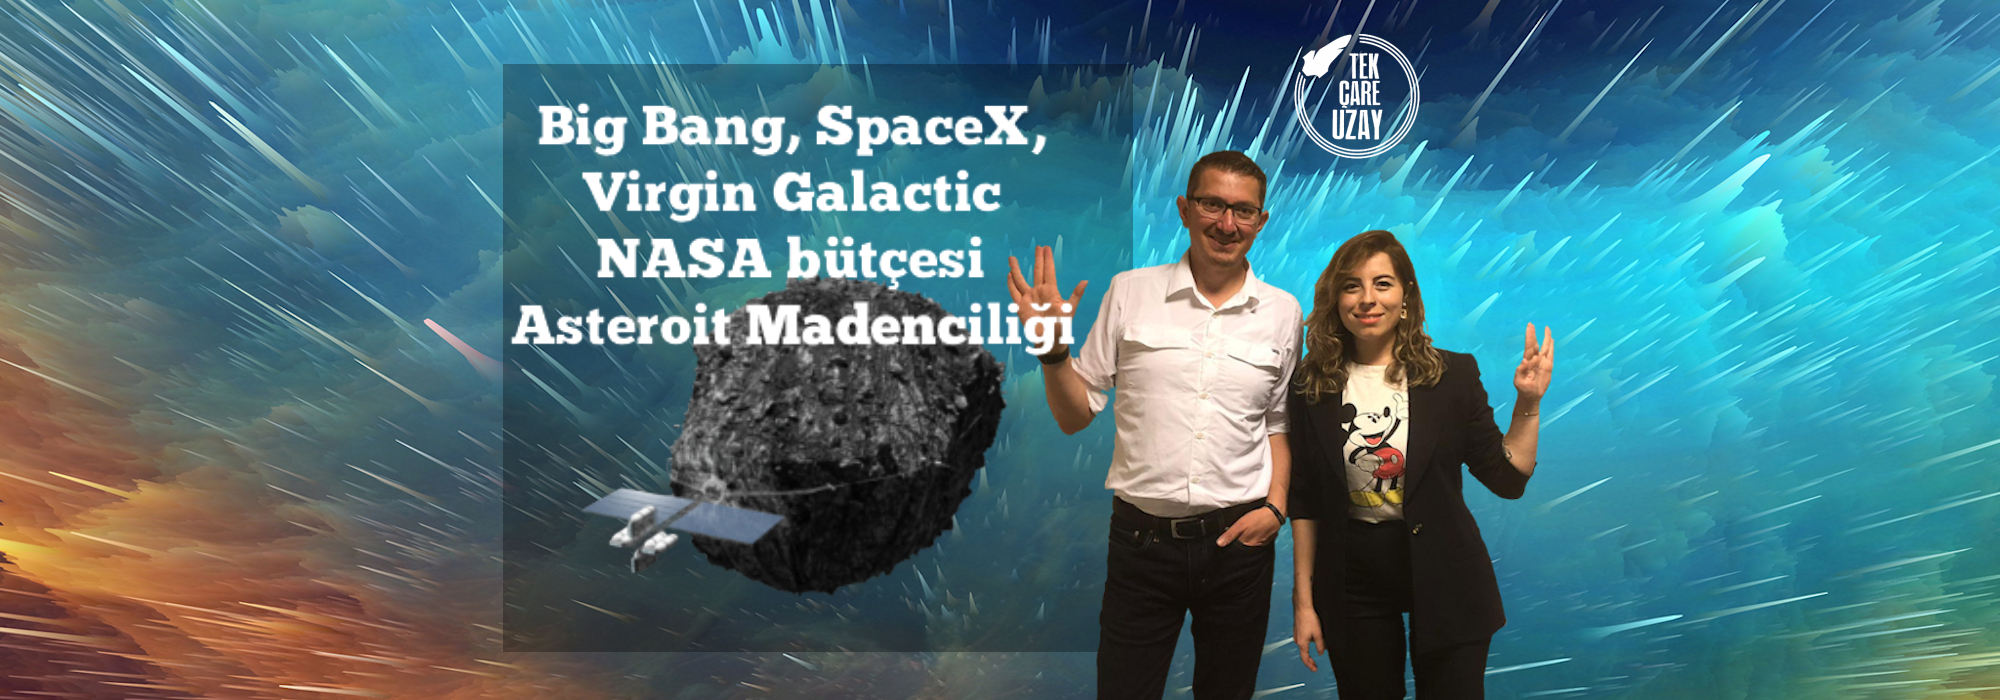 Tek Çare Uzay | Big Bang, SpaceX, NASA bütçesi arttı, Virgin Galactic, Asteroit Madenciliği